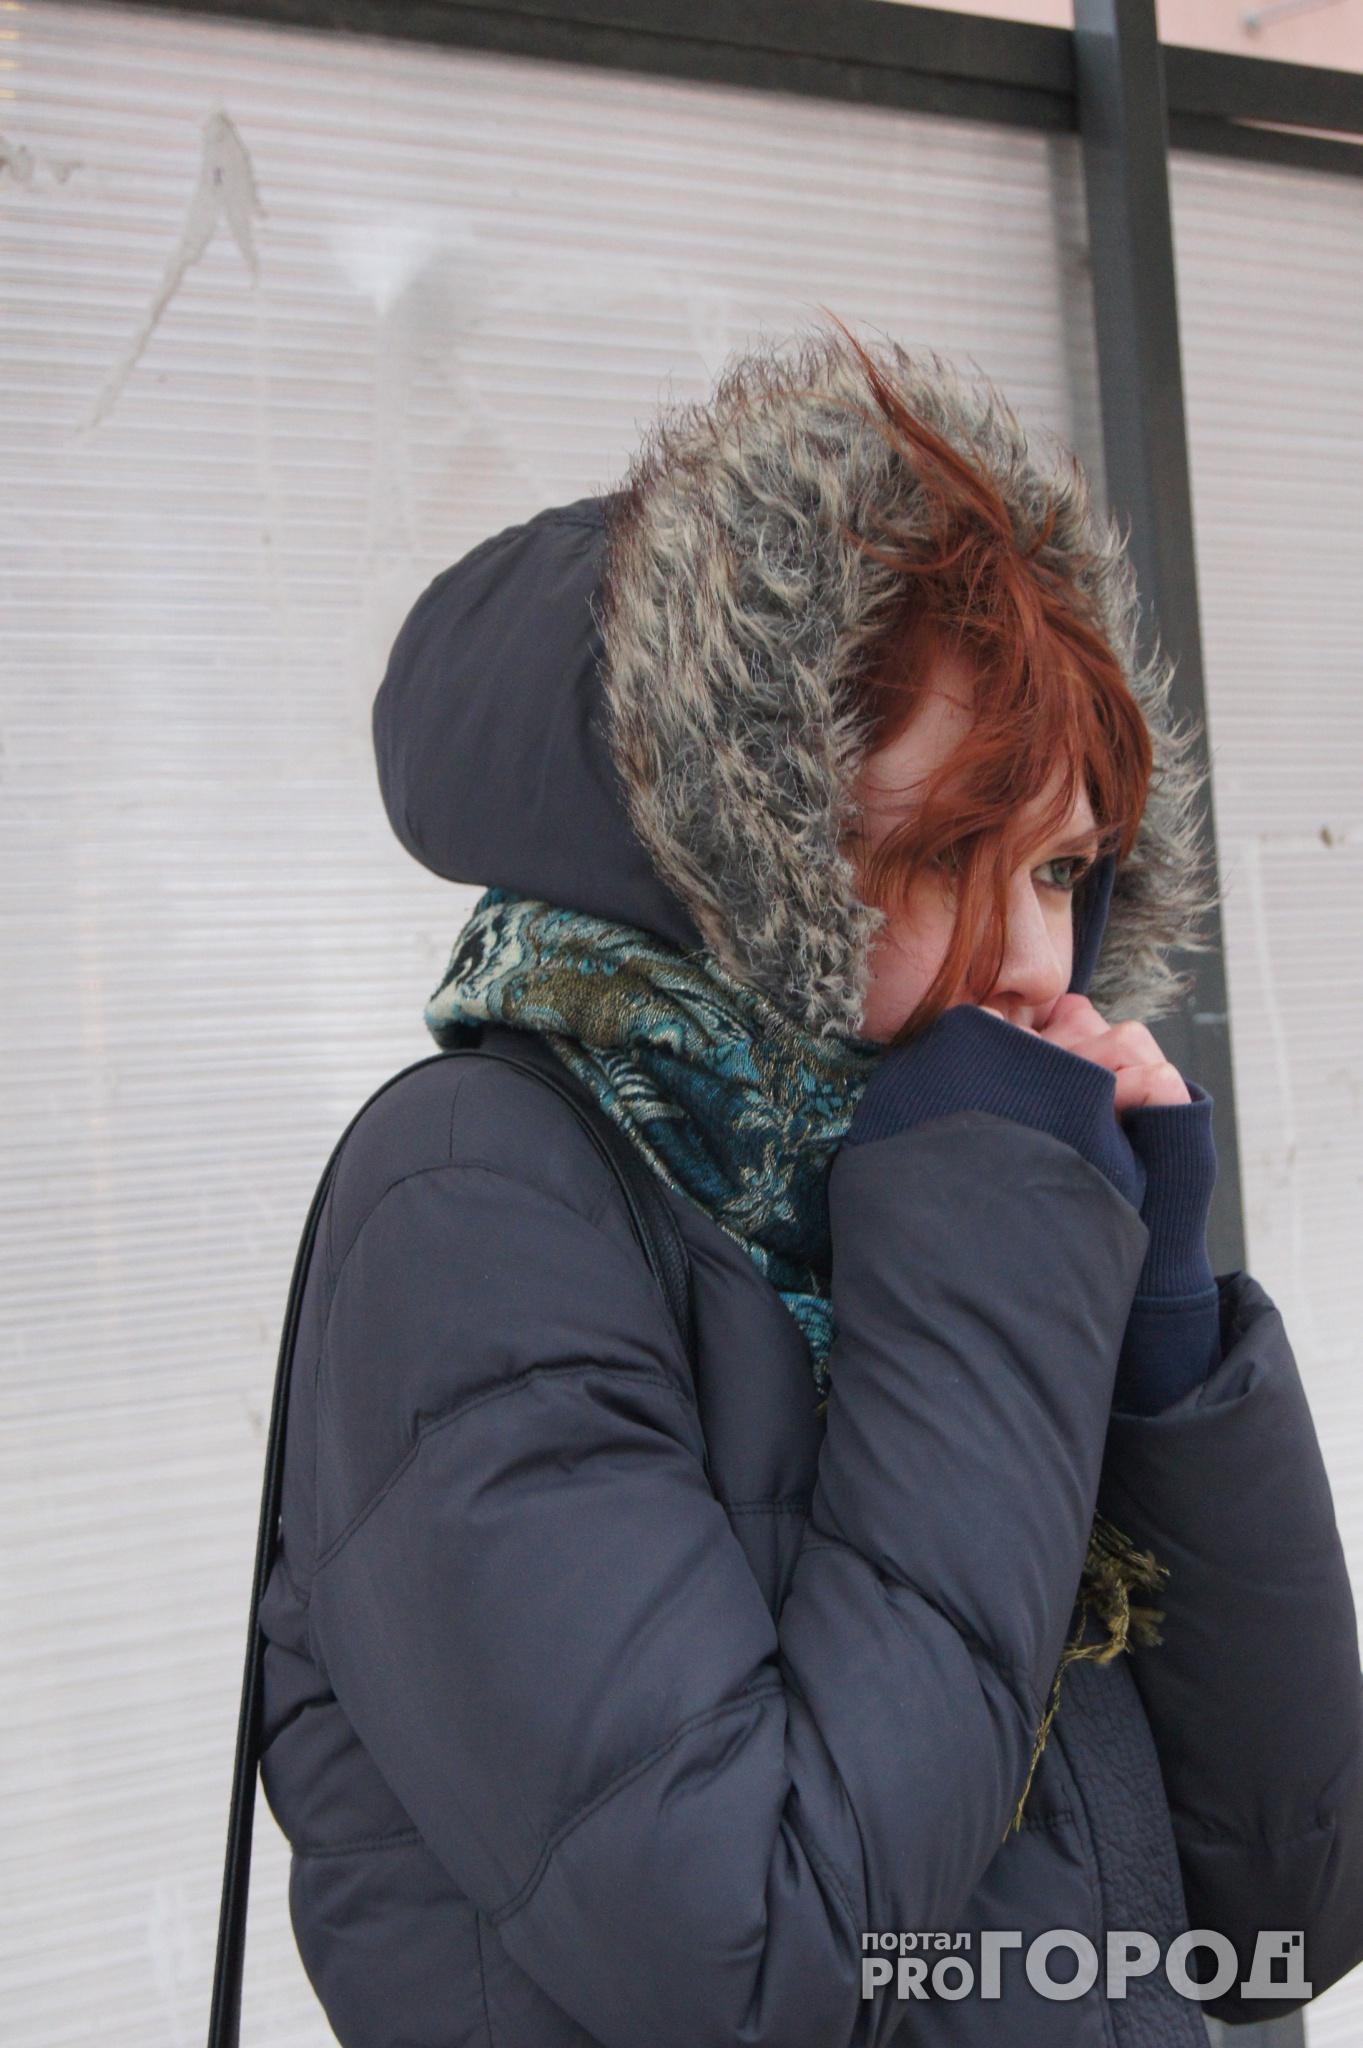 Прогноз погоды: выходные в Чепецке будут прохладными